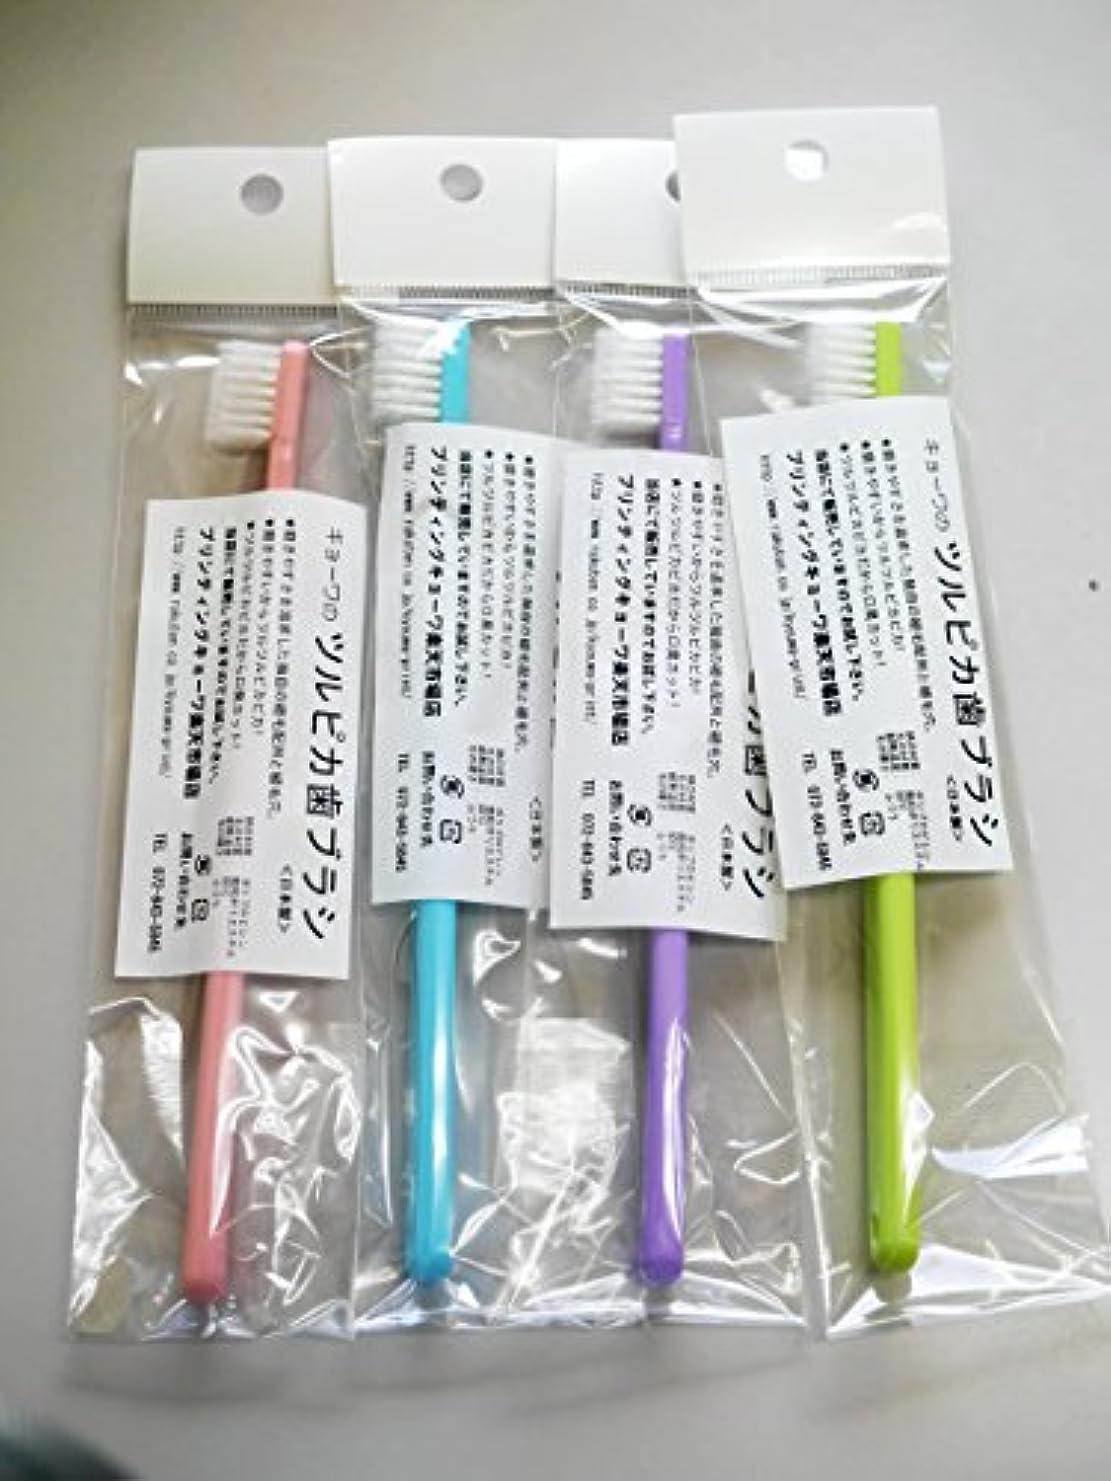 接辞取得報酬【株式会社キョーワ】 日本製 キョーワのツルピカ歯ブラシ4本セット (4色×1本)